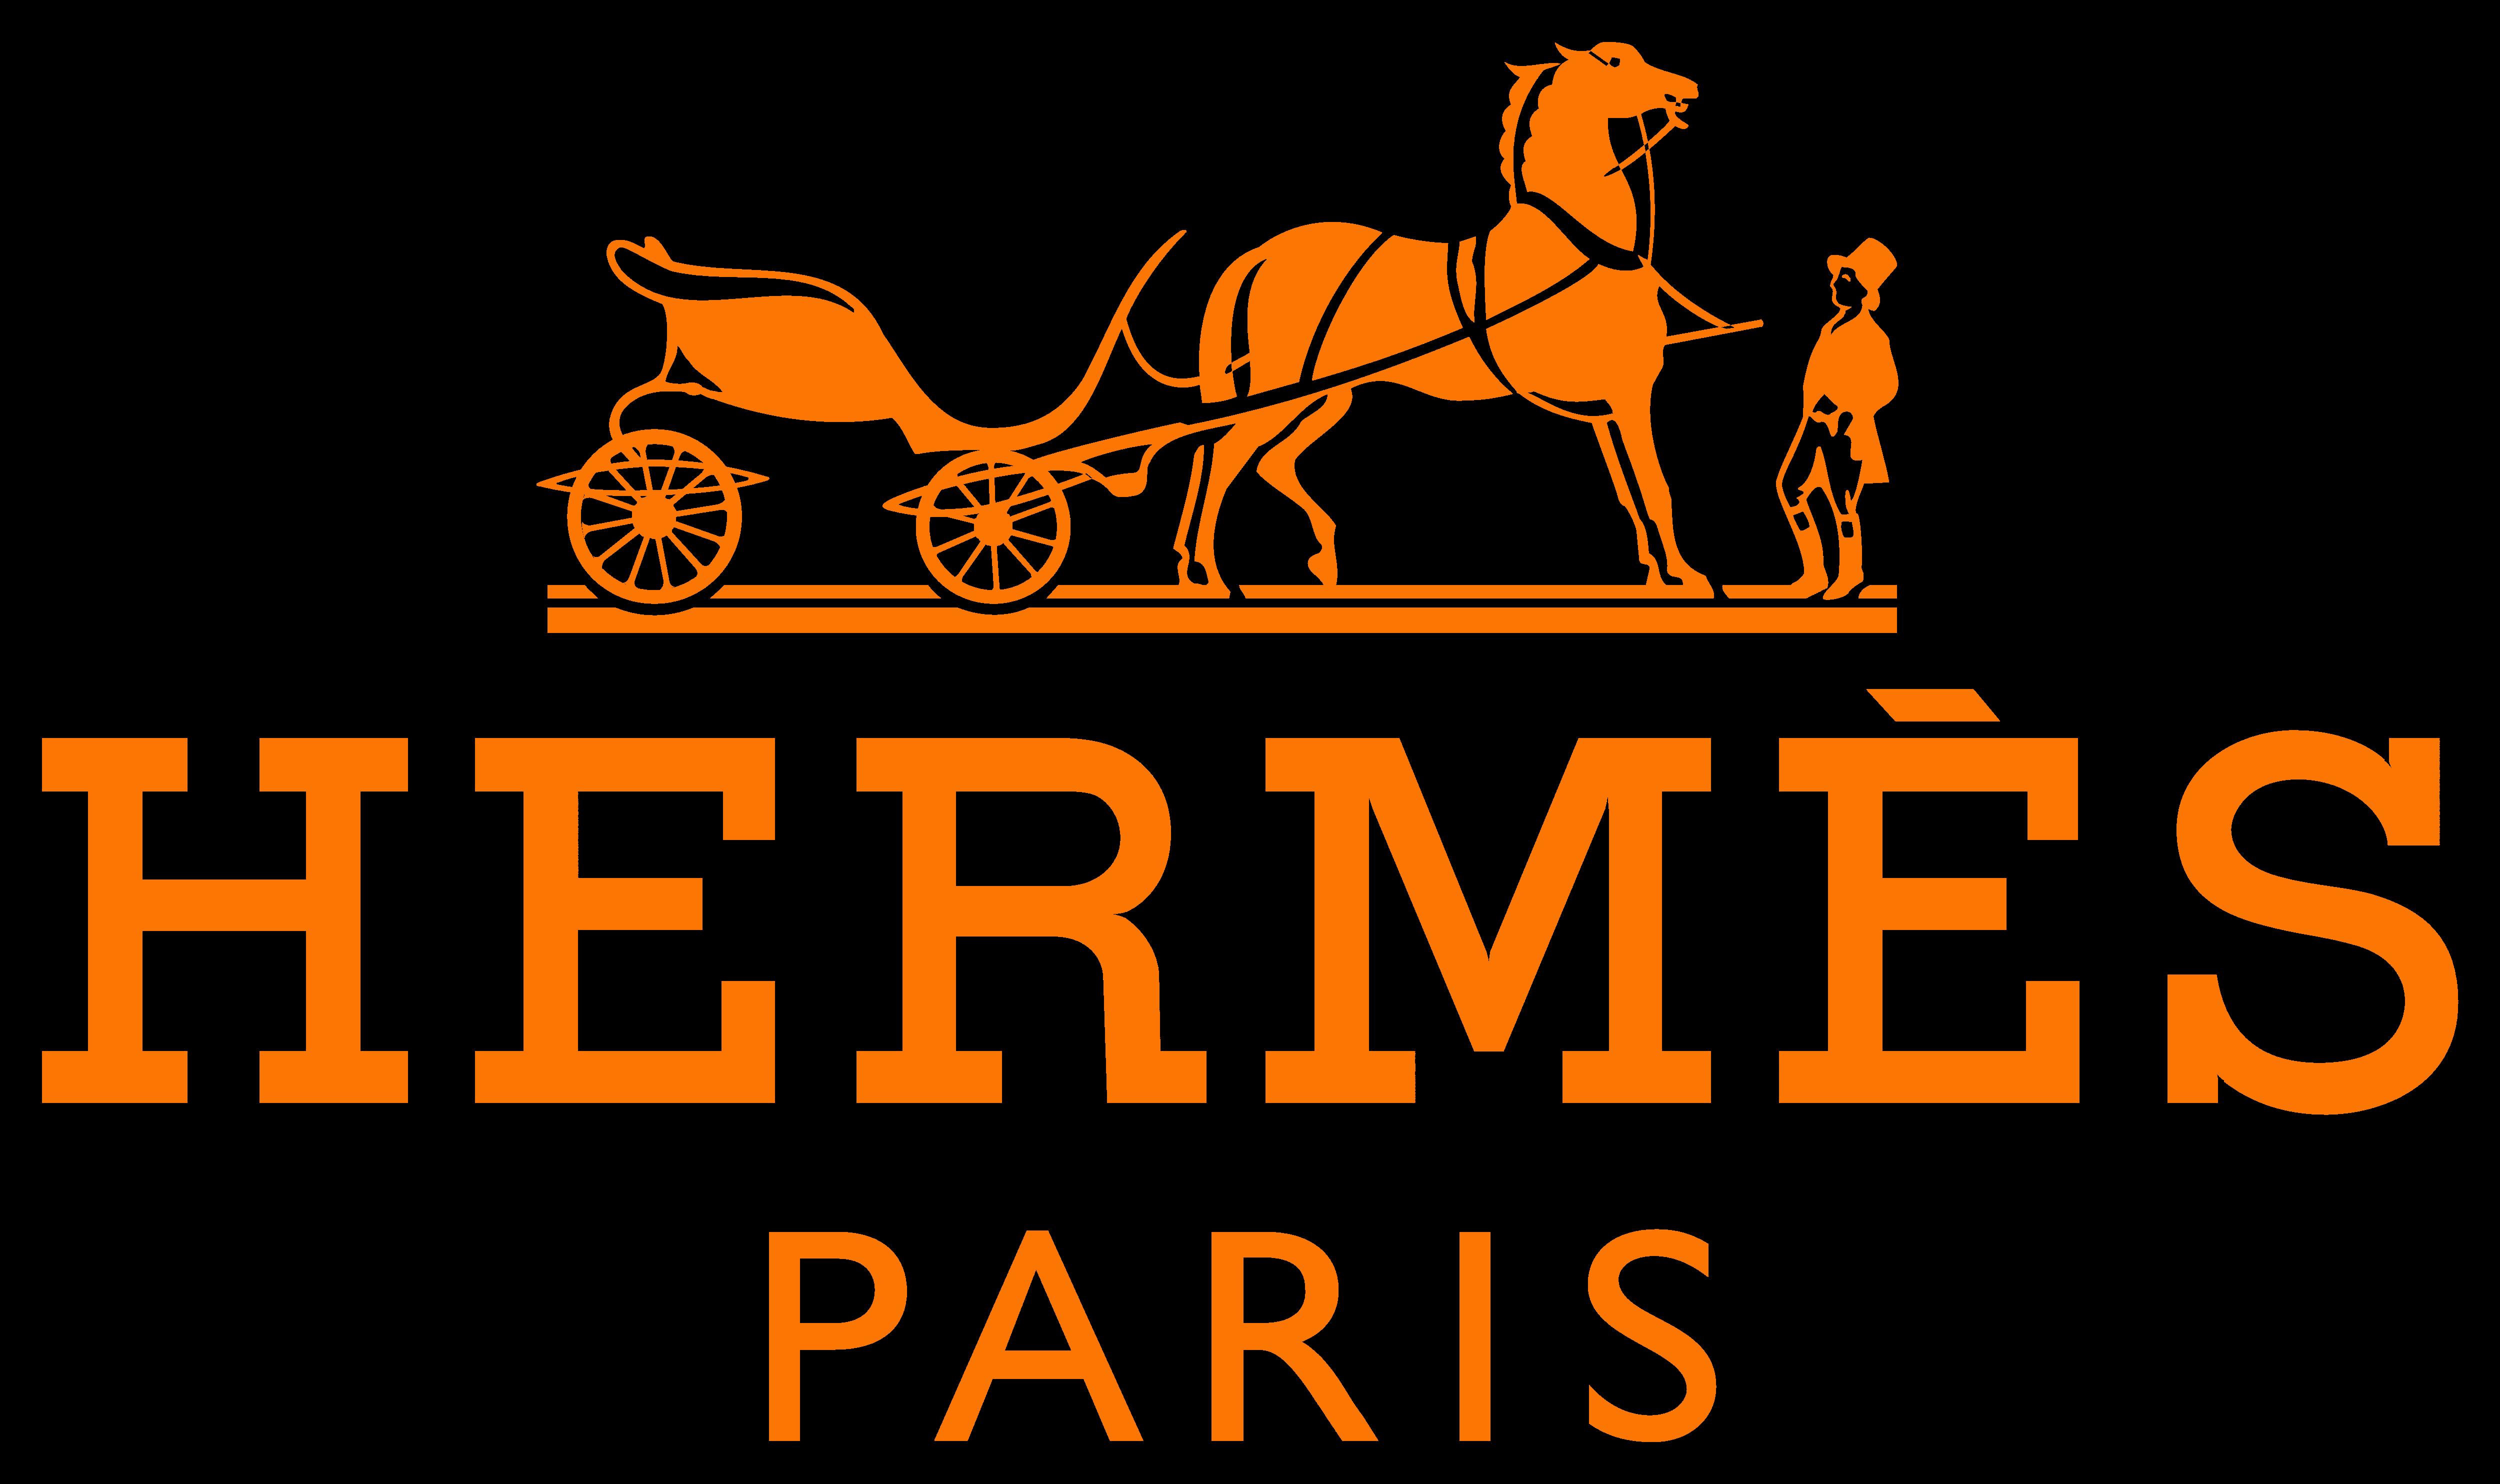 cd374bb5e70 Hermès logo, transparent